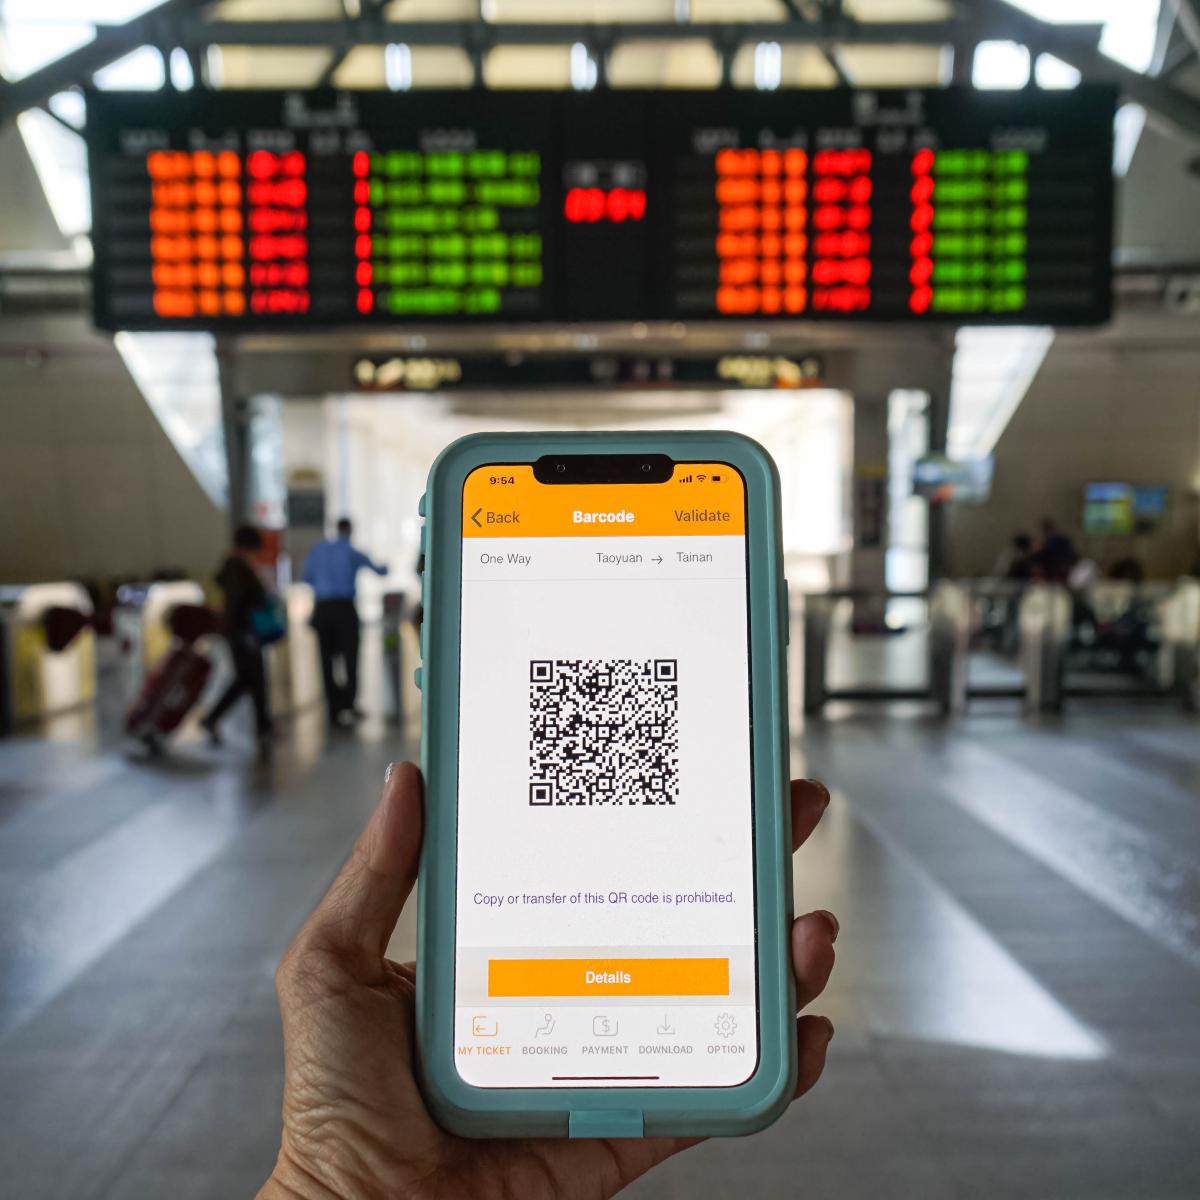 台湾新幹線(台湾高速鉄路)の切符を買う際の注意点